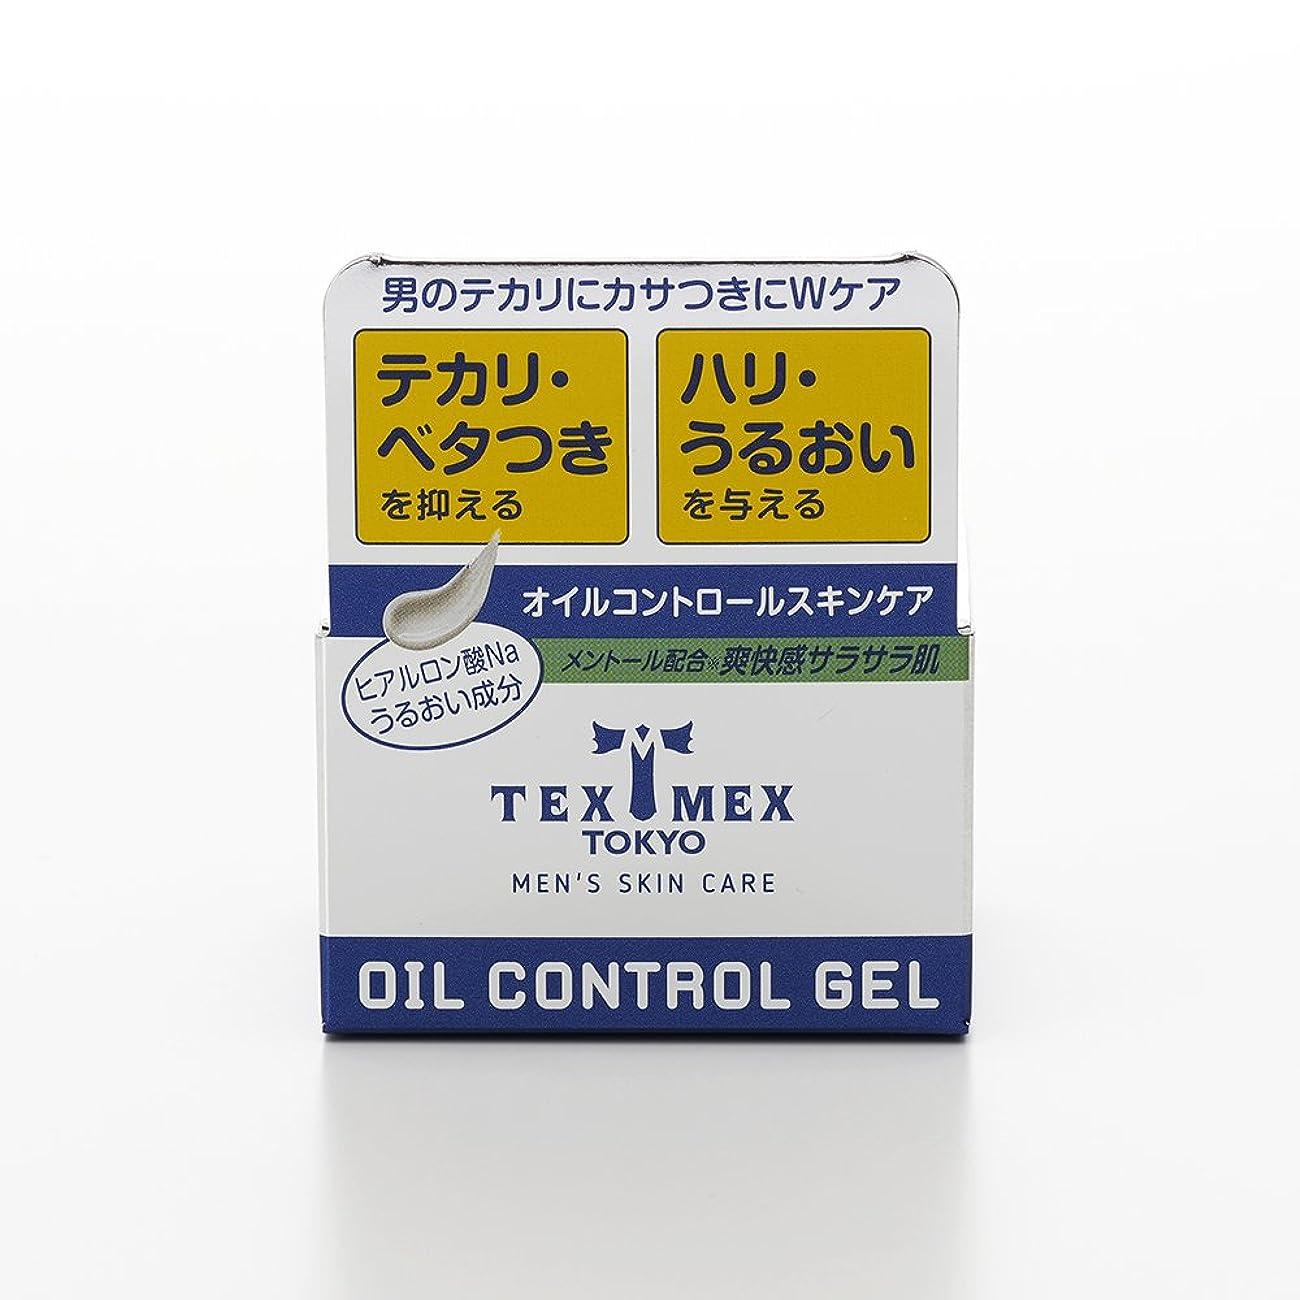 塗抹商標オフテックスメックス オイルコントロールジェル 24g (テカリ防止ジェル) 【塗るだけでサラサラ肌に】